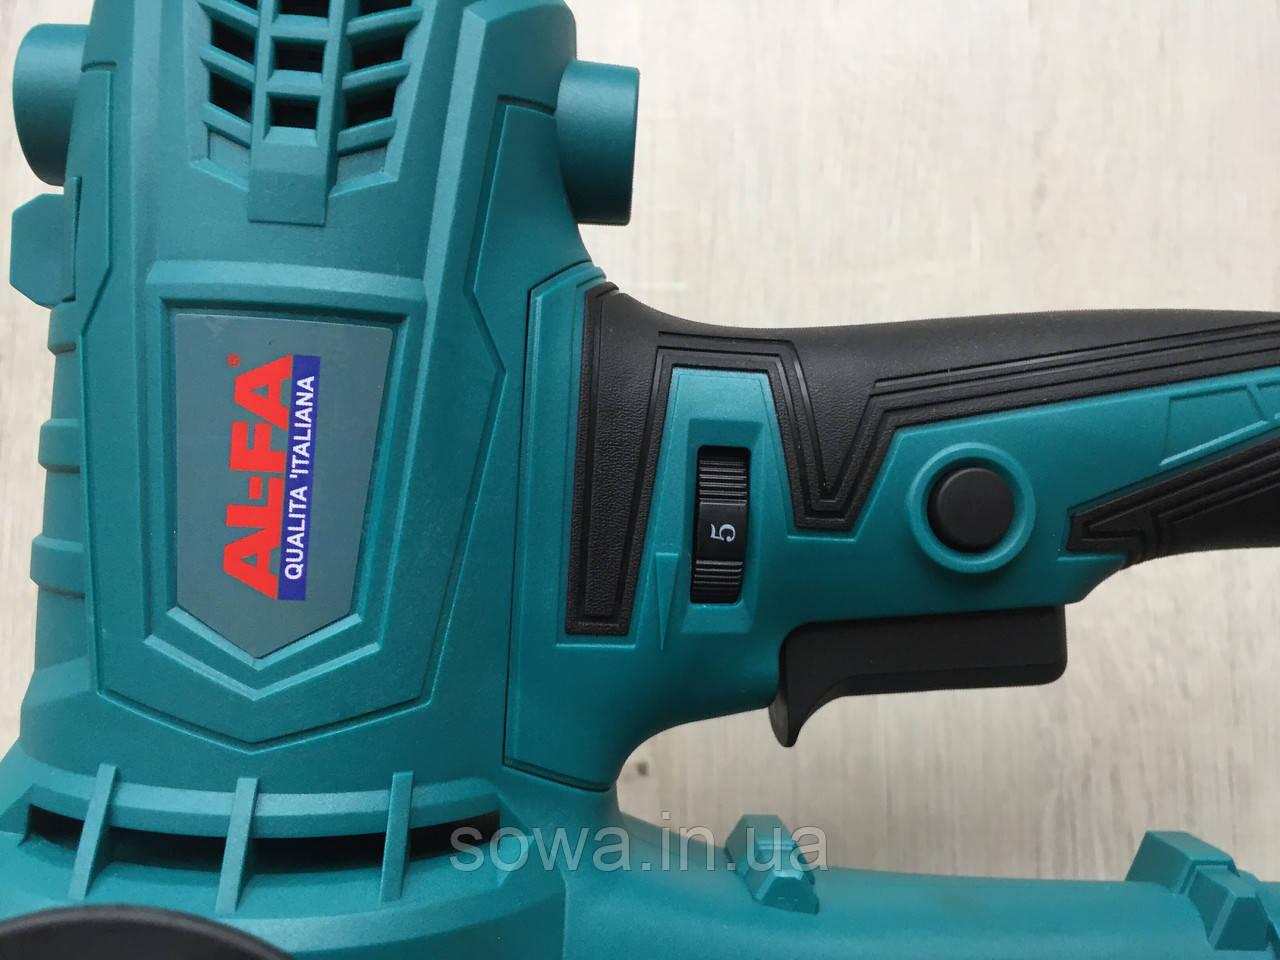 Шлифовальная машина по штукатурке AL-FA ALDWS15 с подсветкой - фото 6